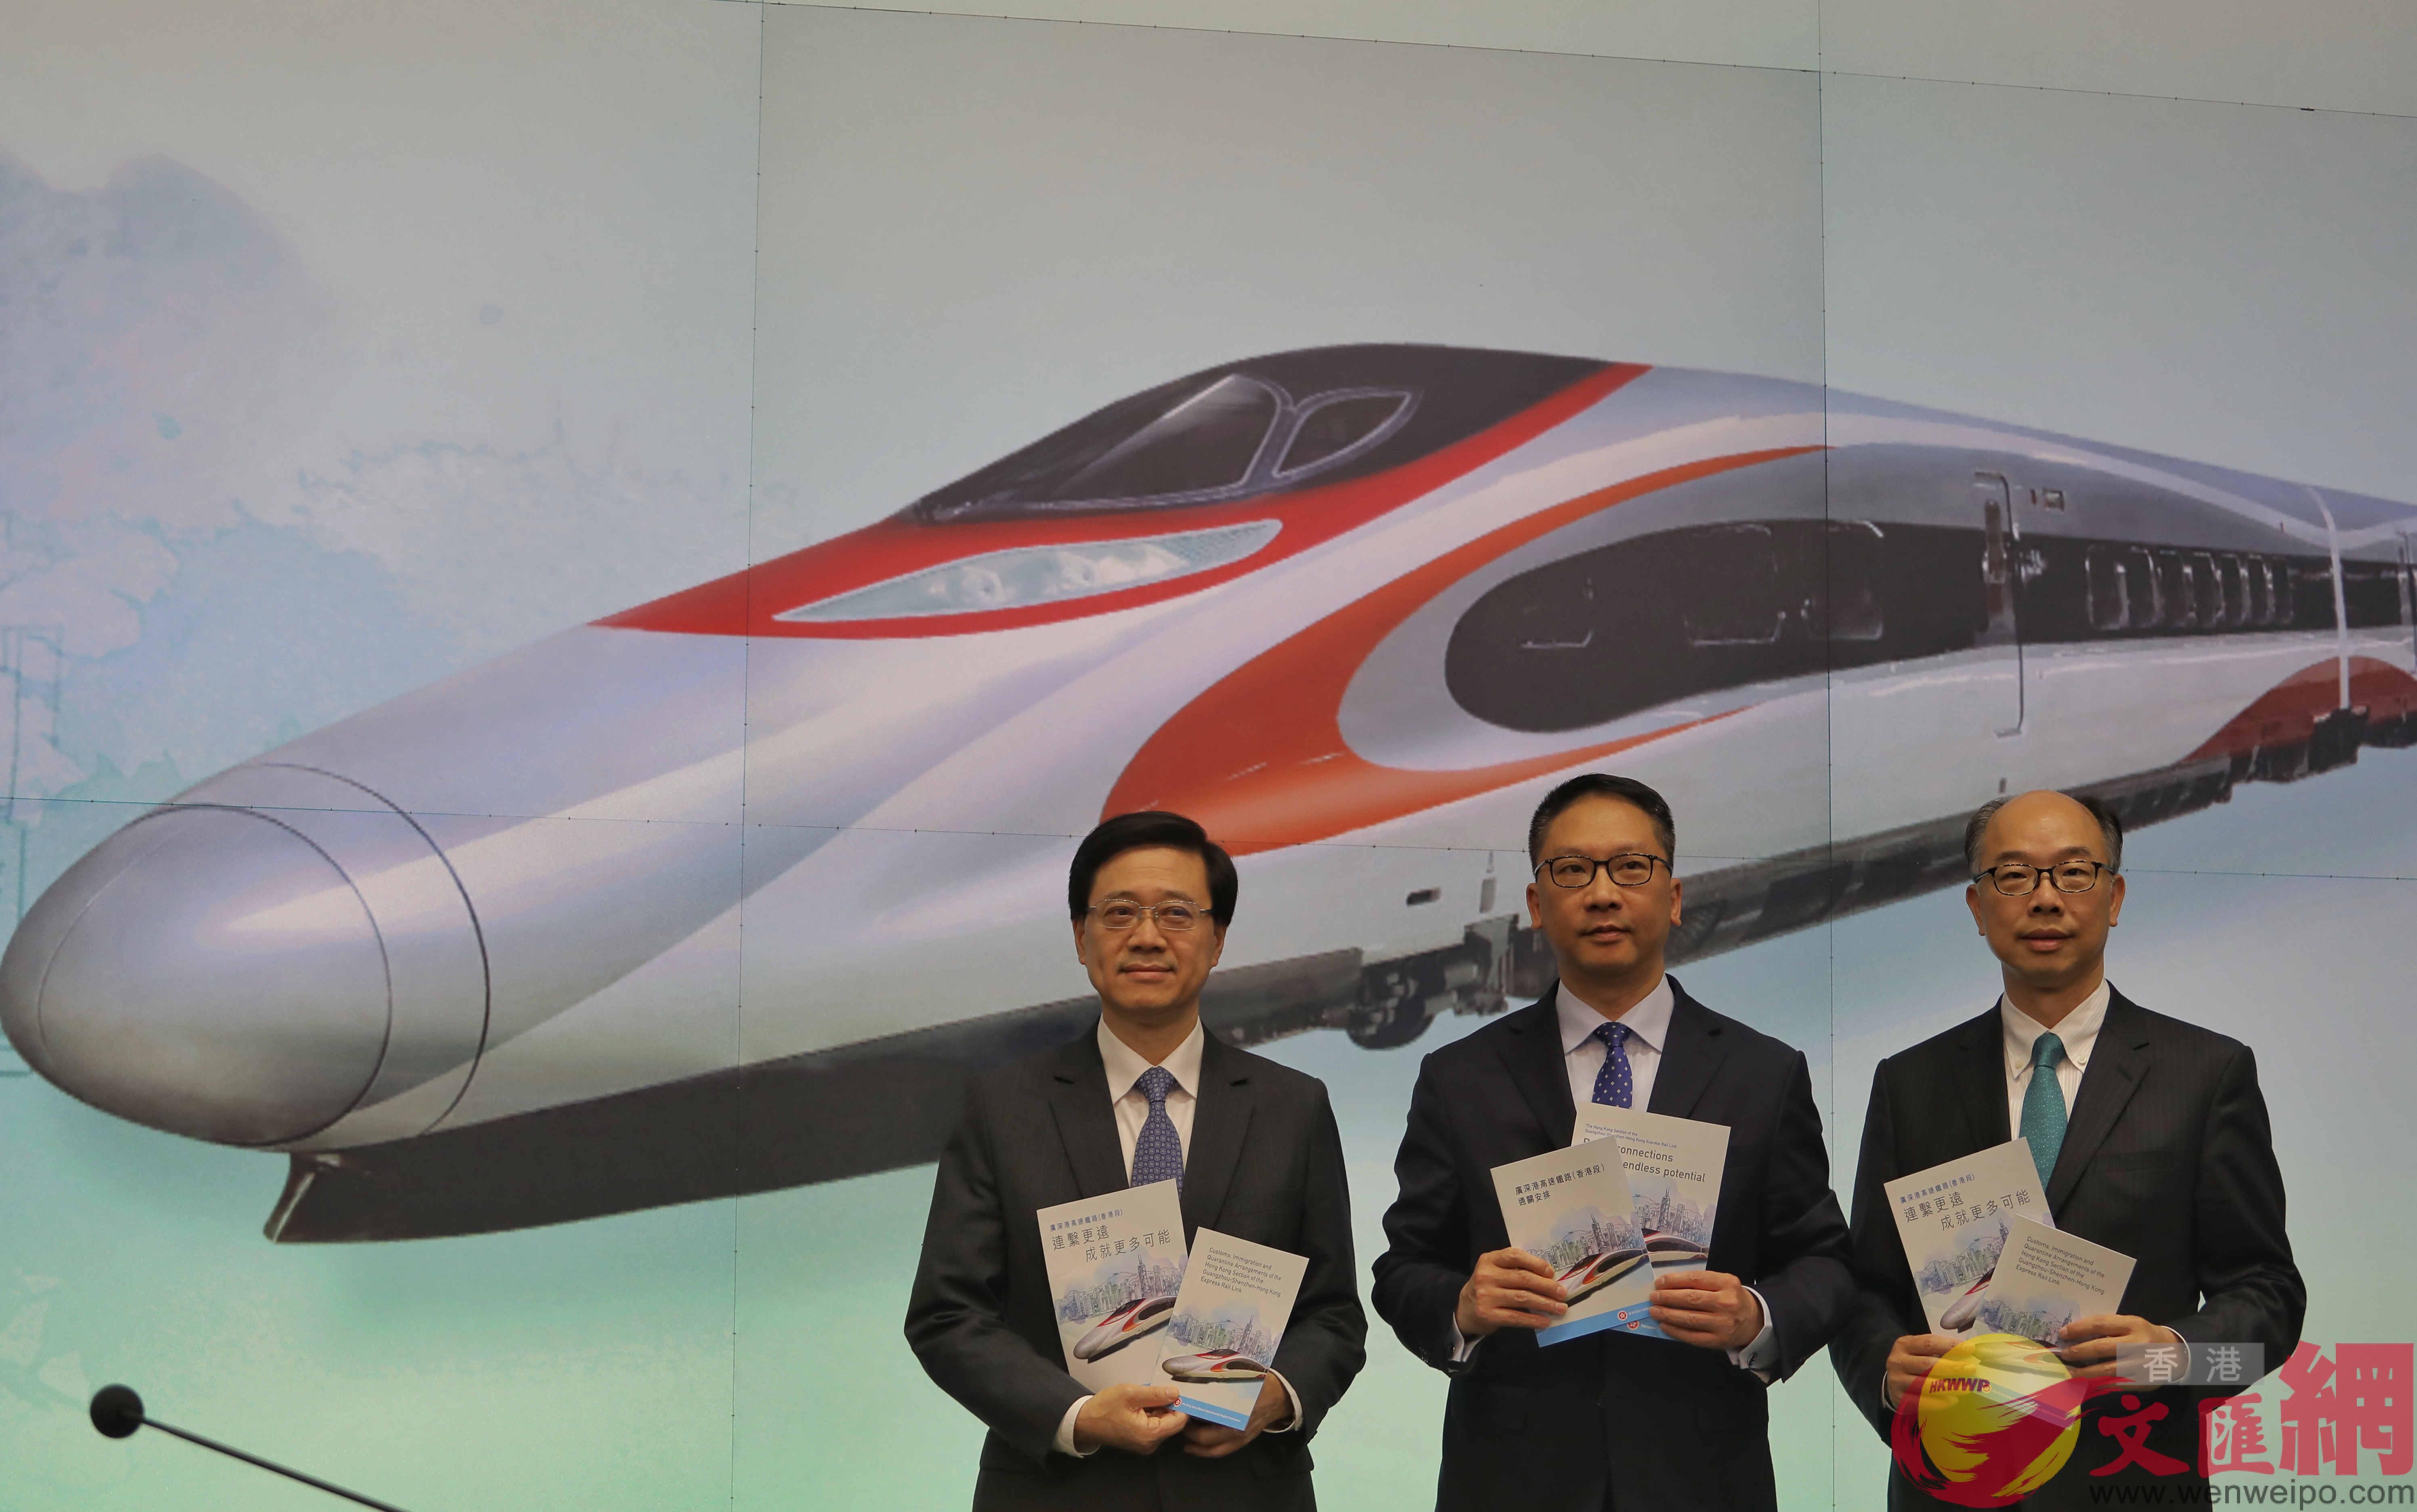 律政司司長袁國強(中)、運輸及房屋局局長陳帆(右)、保安局局長李家超(左)在記者會上